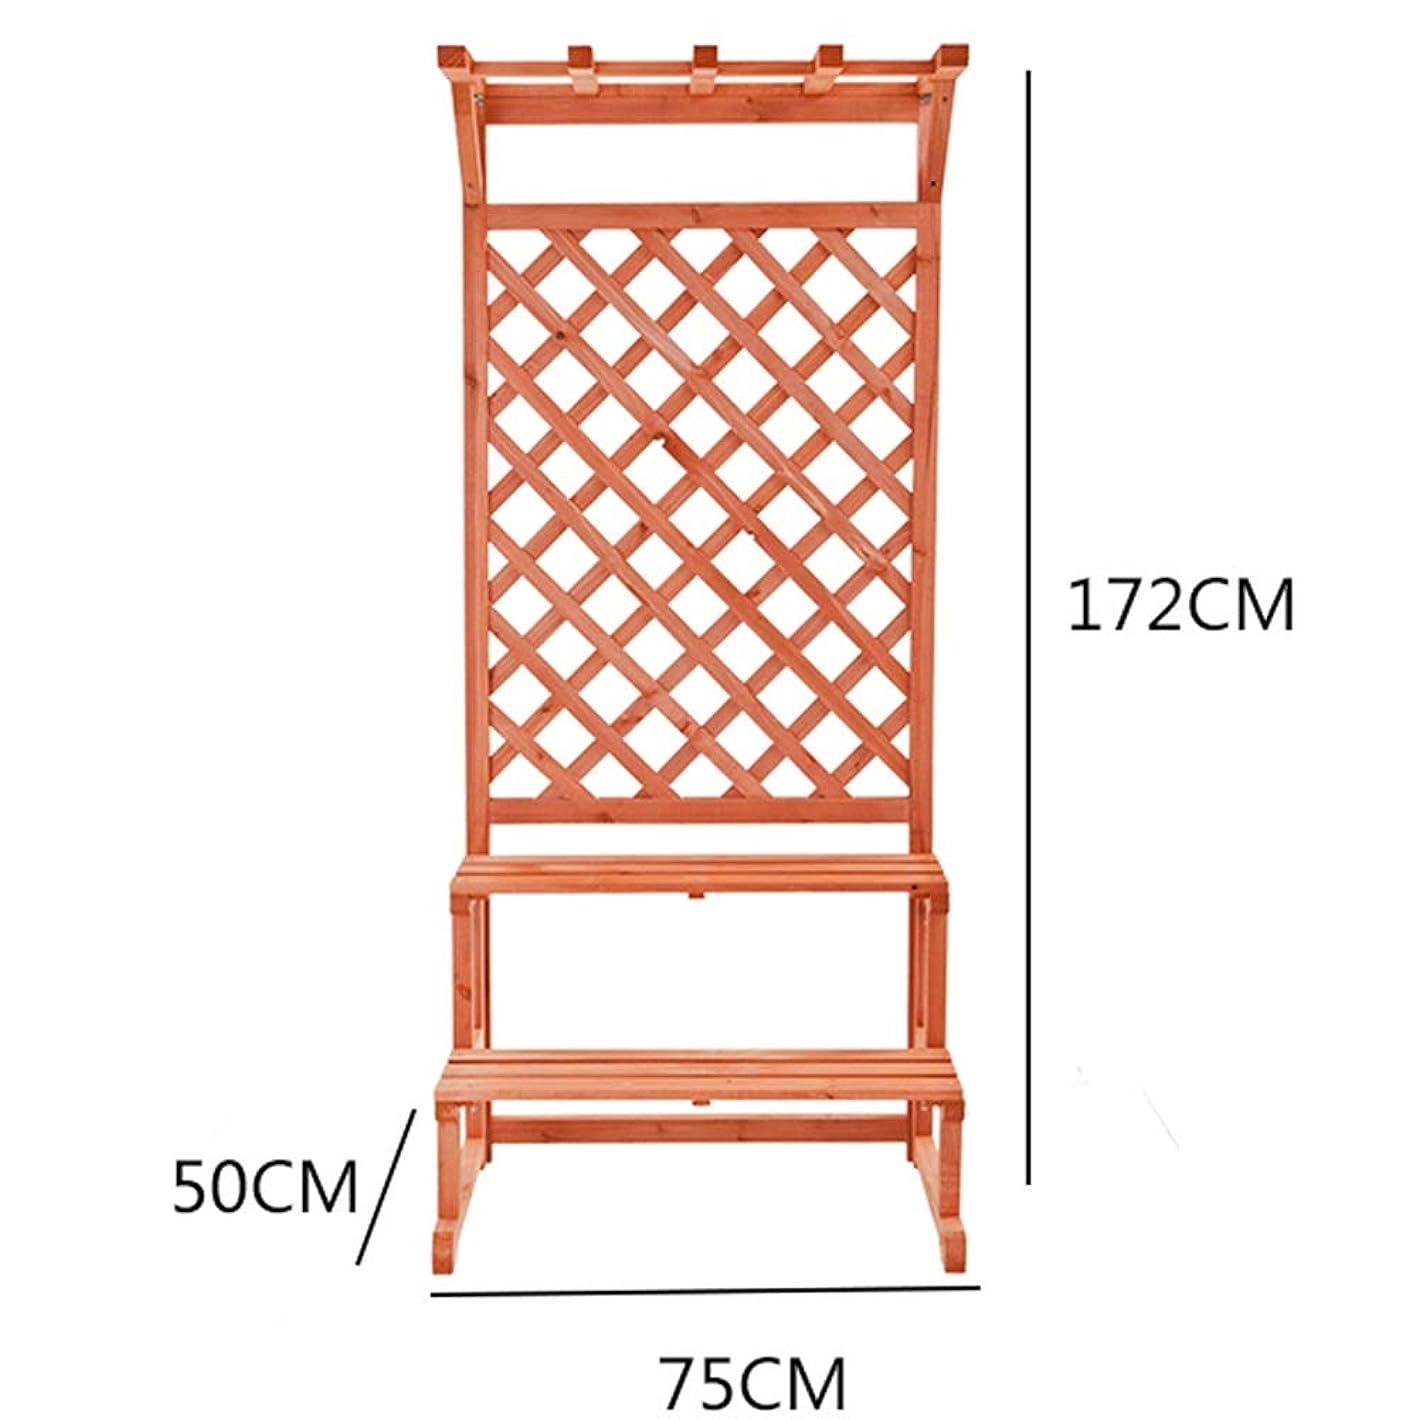 JIANFEI 木製 ボーダーフェンスフラワースタンド 庭の装飾 植物クライミングフレーム フラワーベッドエッジ 炭化防水 、3色 (Color : Orange, Size : 75x50x172cm)